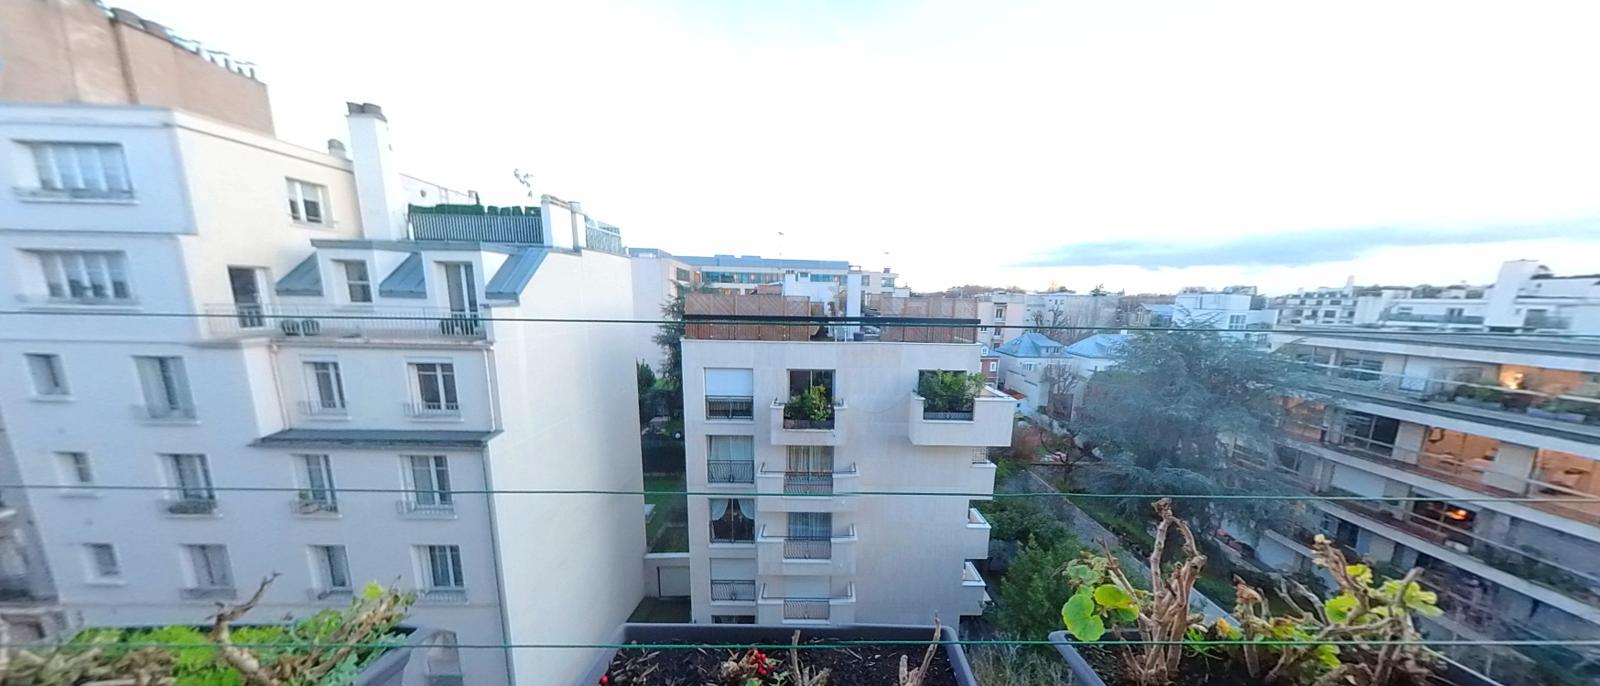 Vends appartement familial de 95m² à Neuilly sur Seine (92) - 2,3chambres